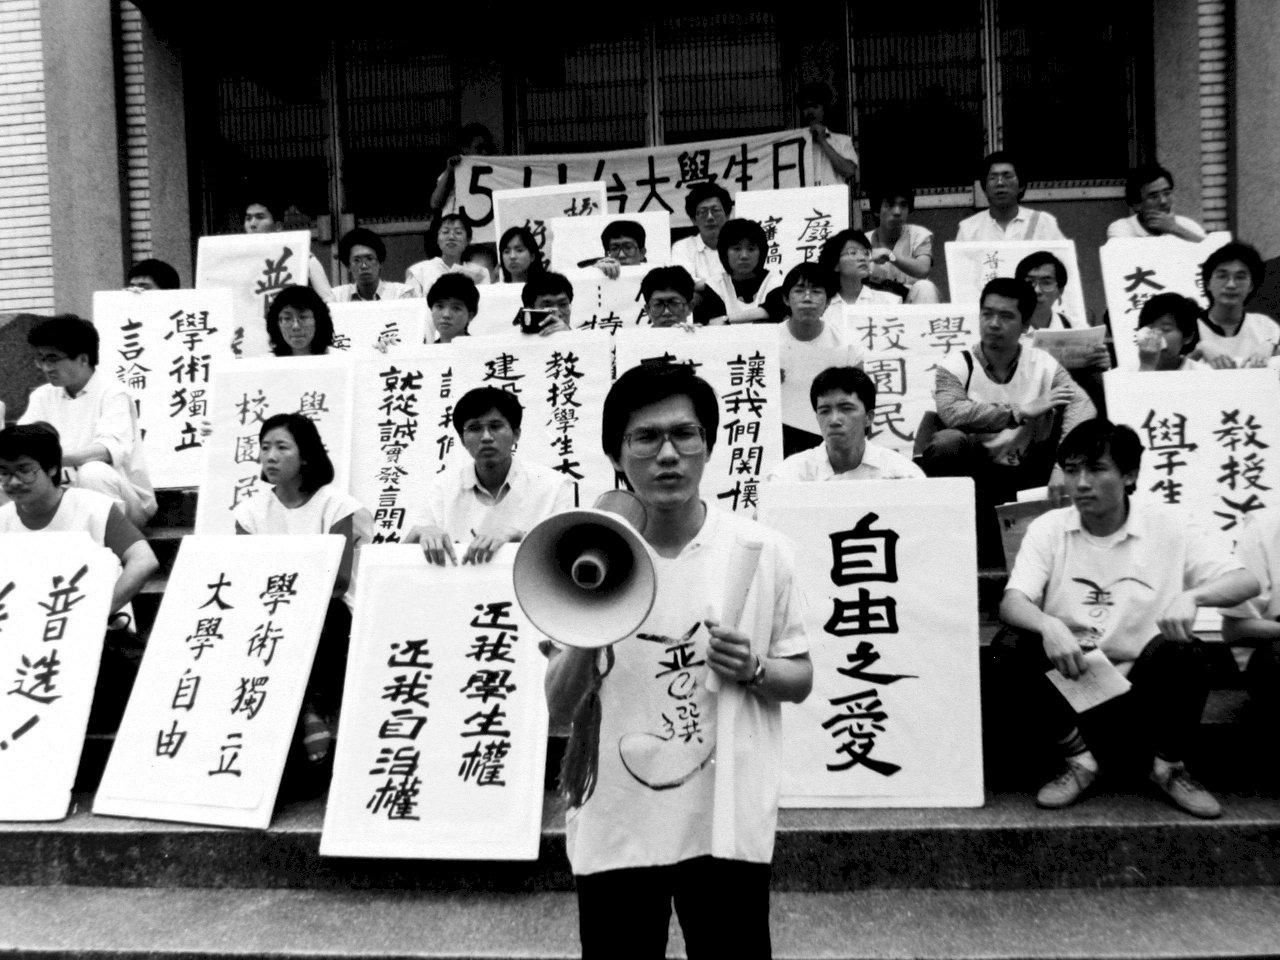 學生時代被以「不法份子」監控十年 林佳龍:感覺像諜報電影特務情節